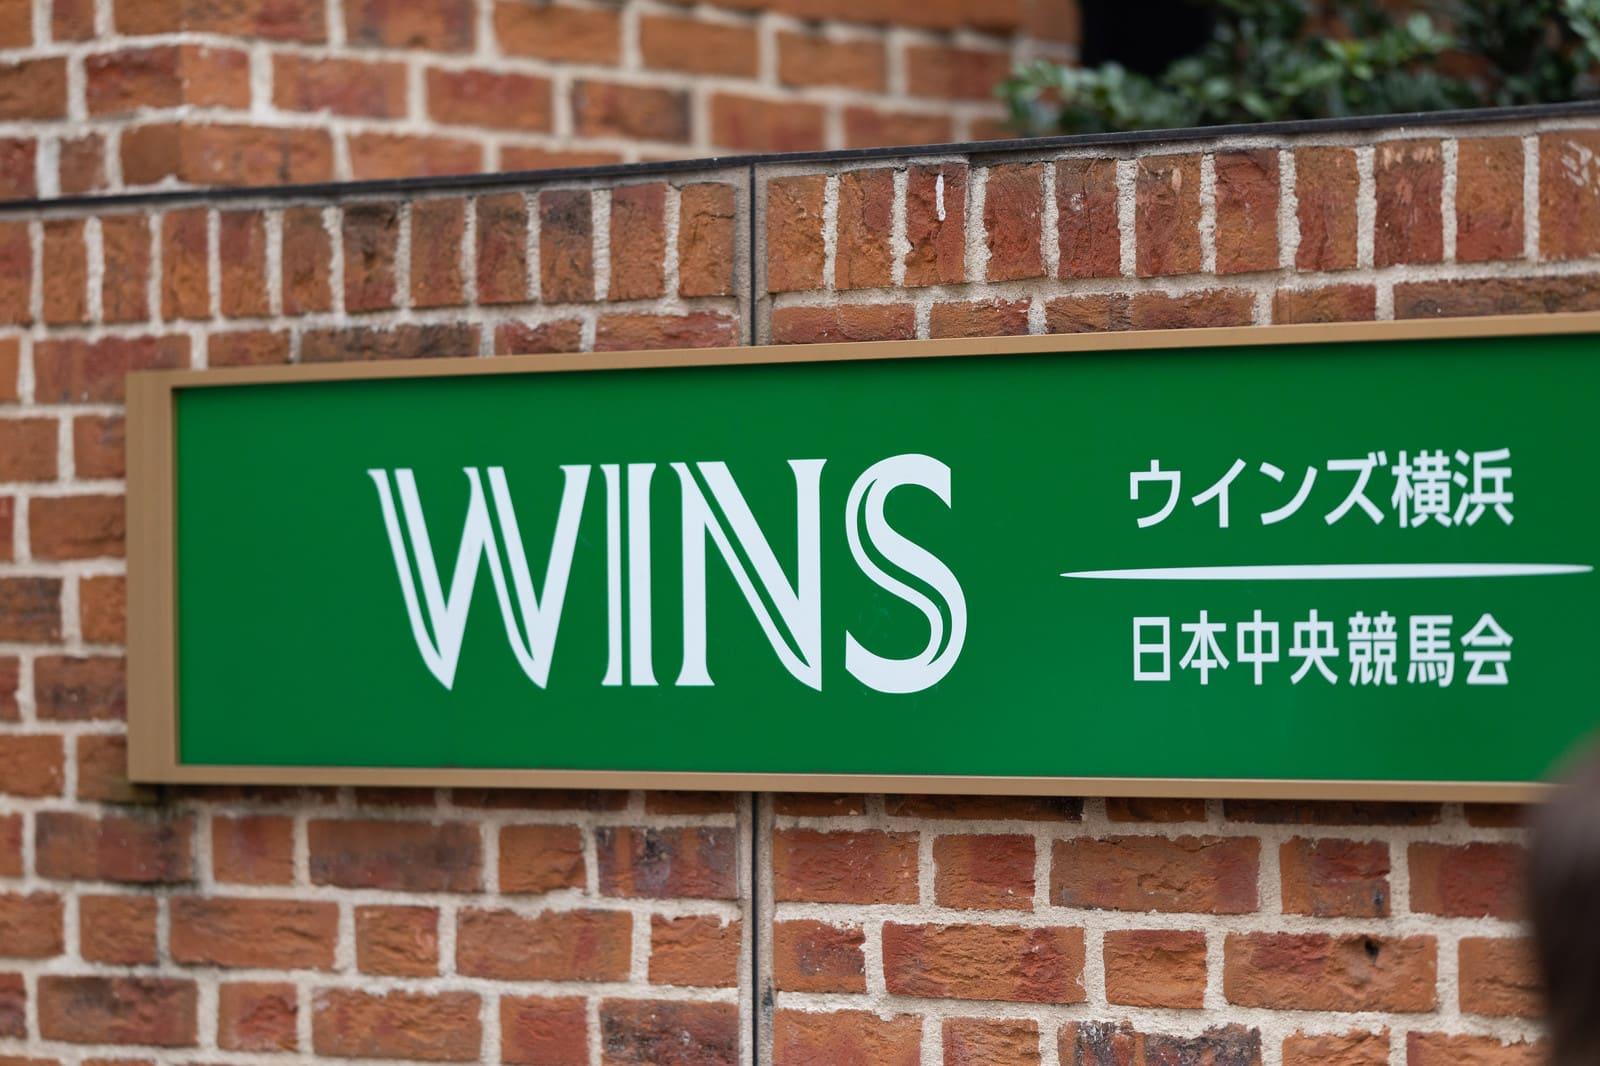 WINS ゲート